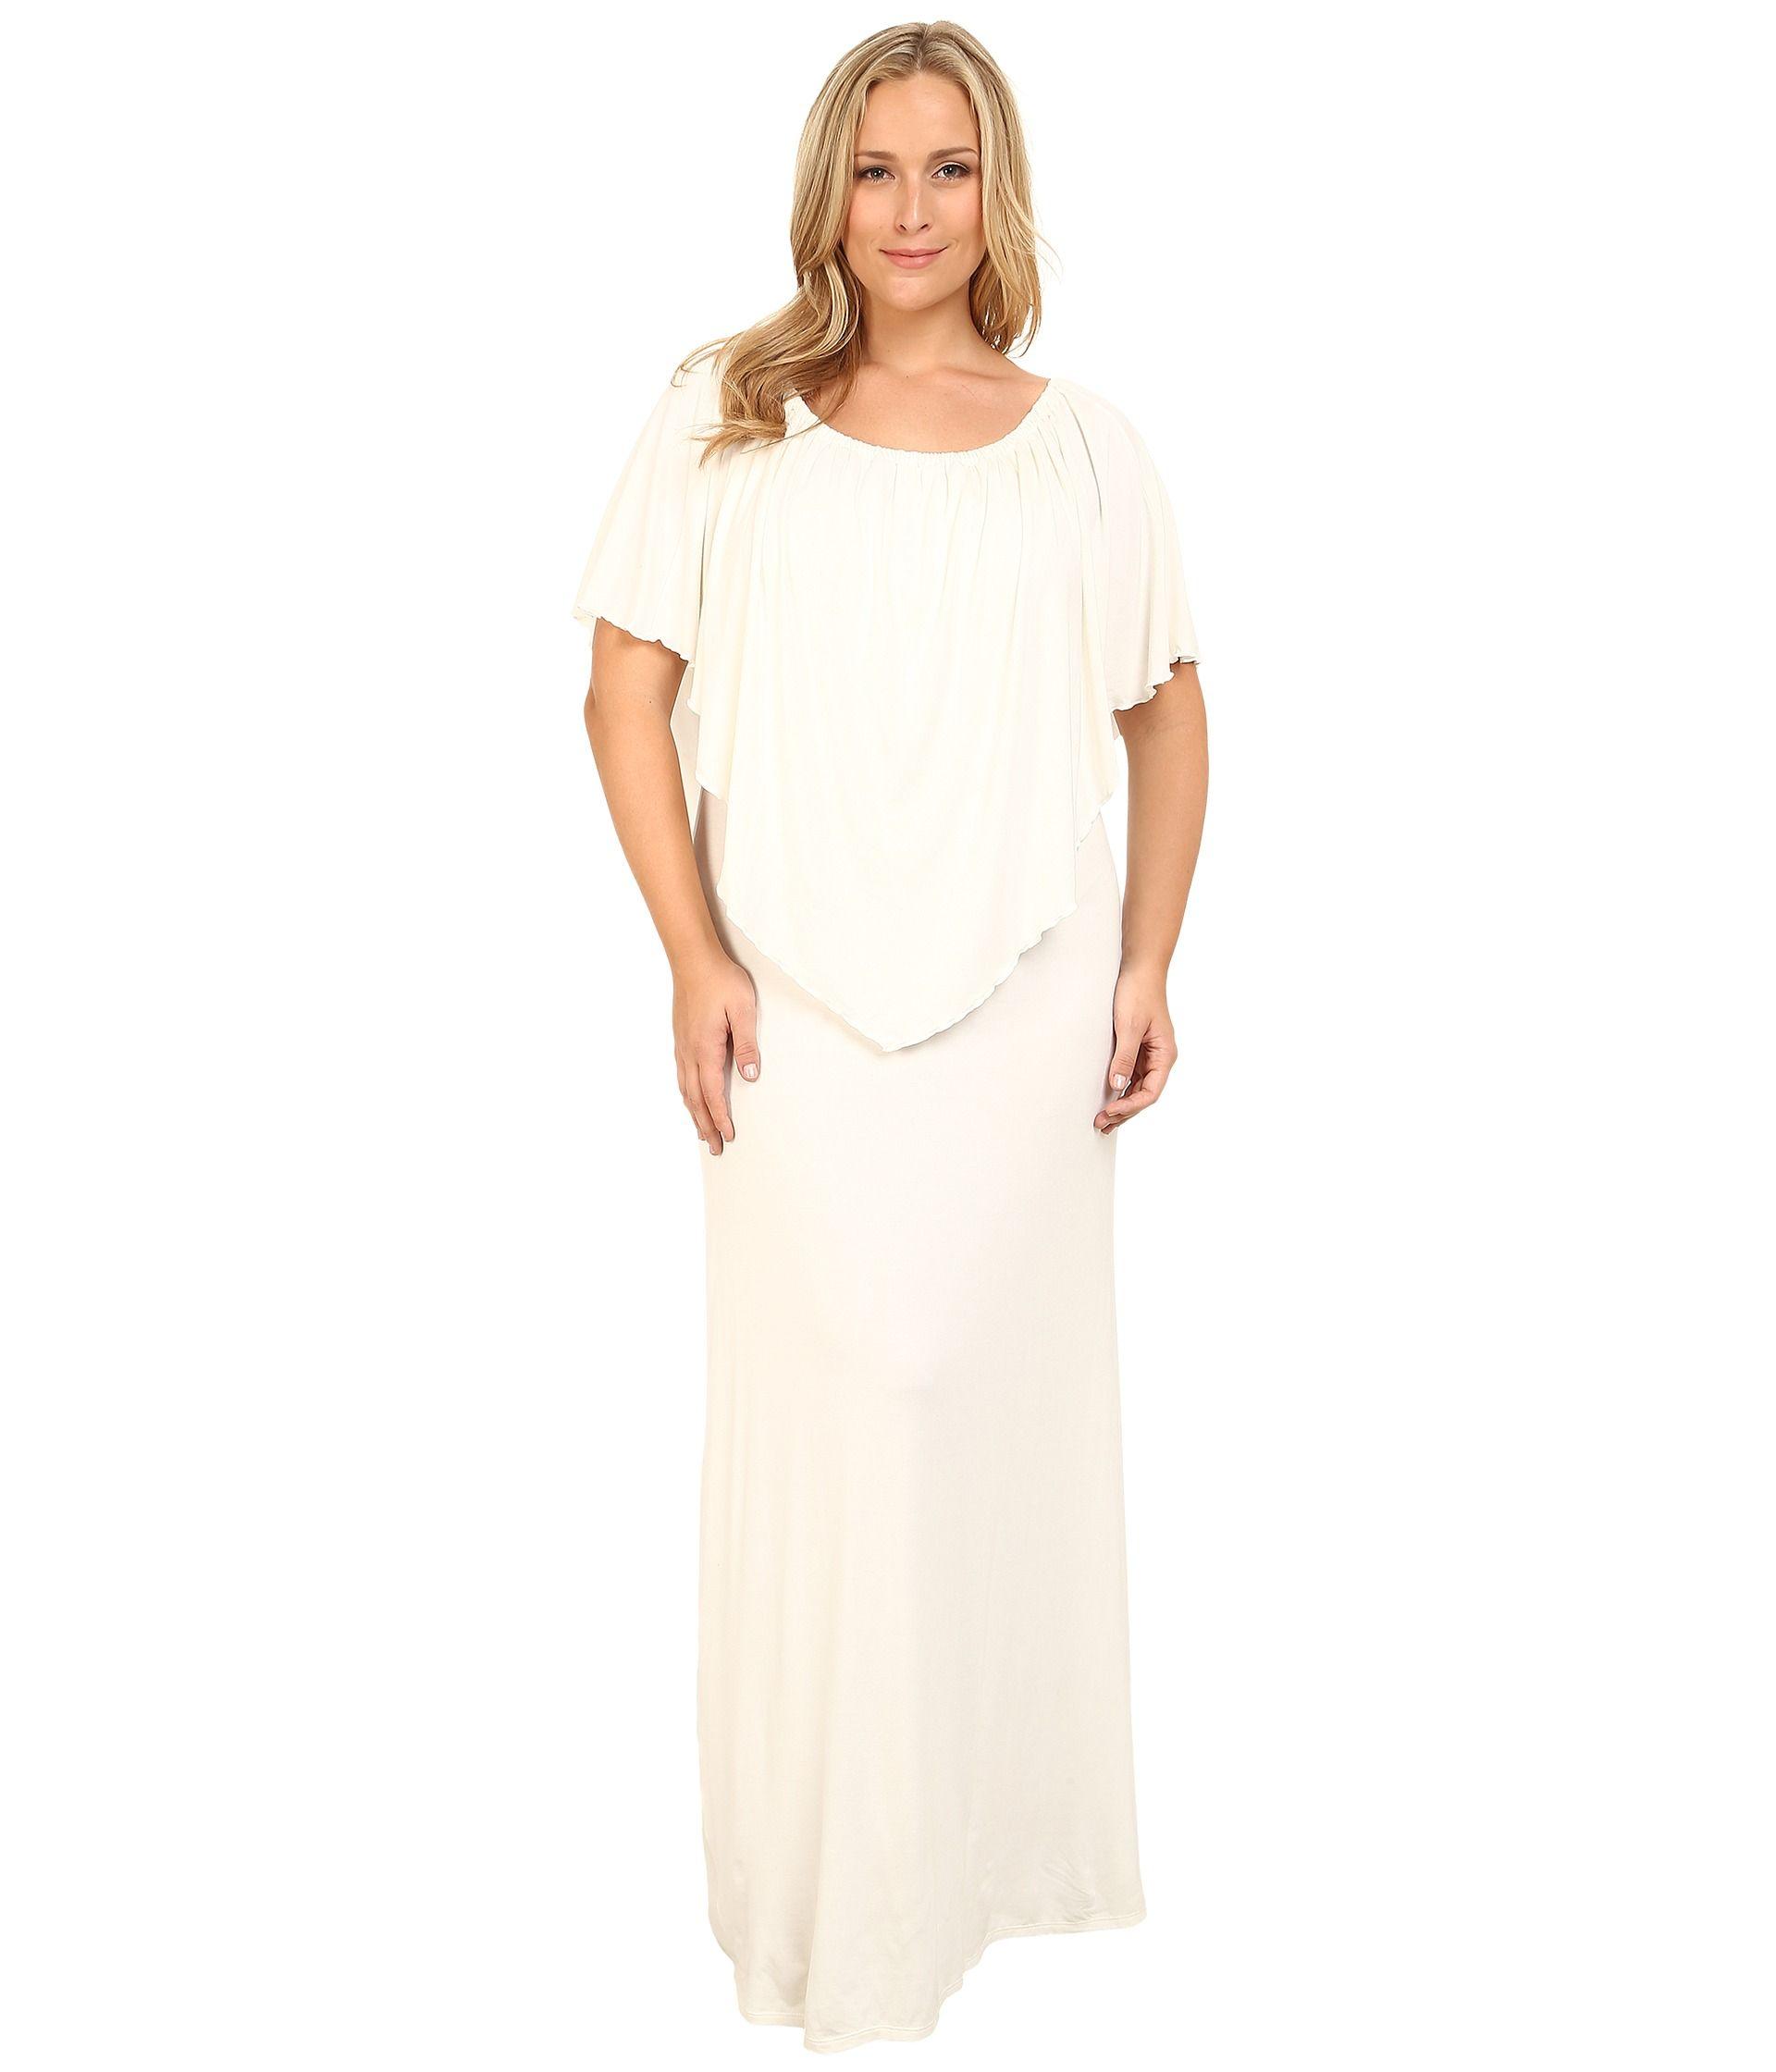 x plus dresses maxi - best dresses collection